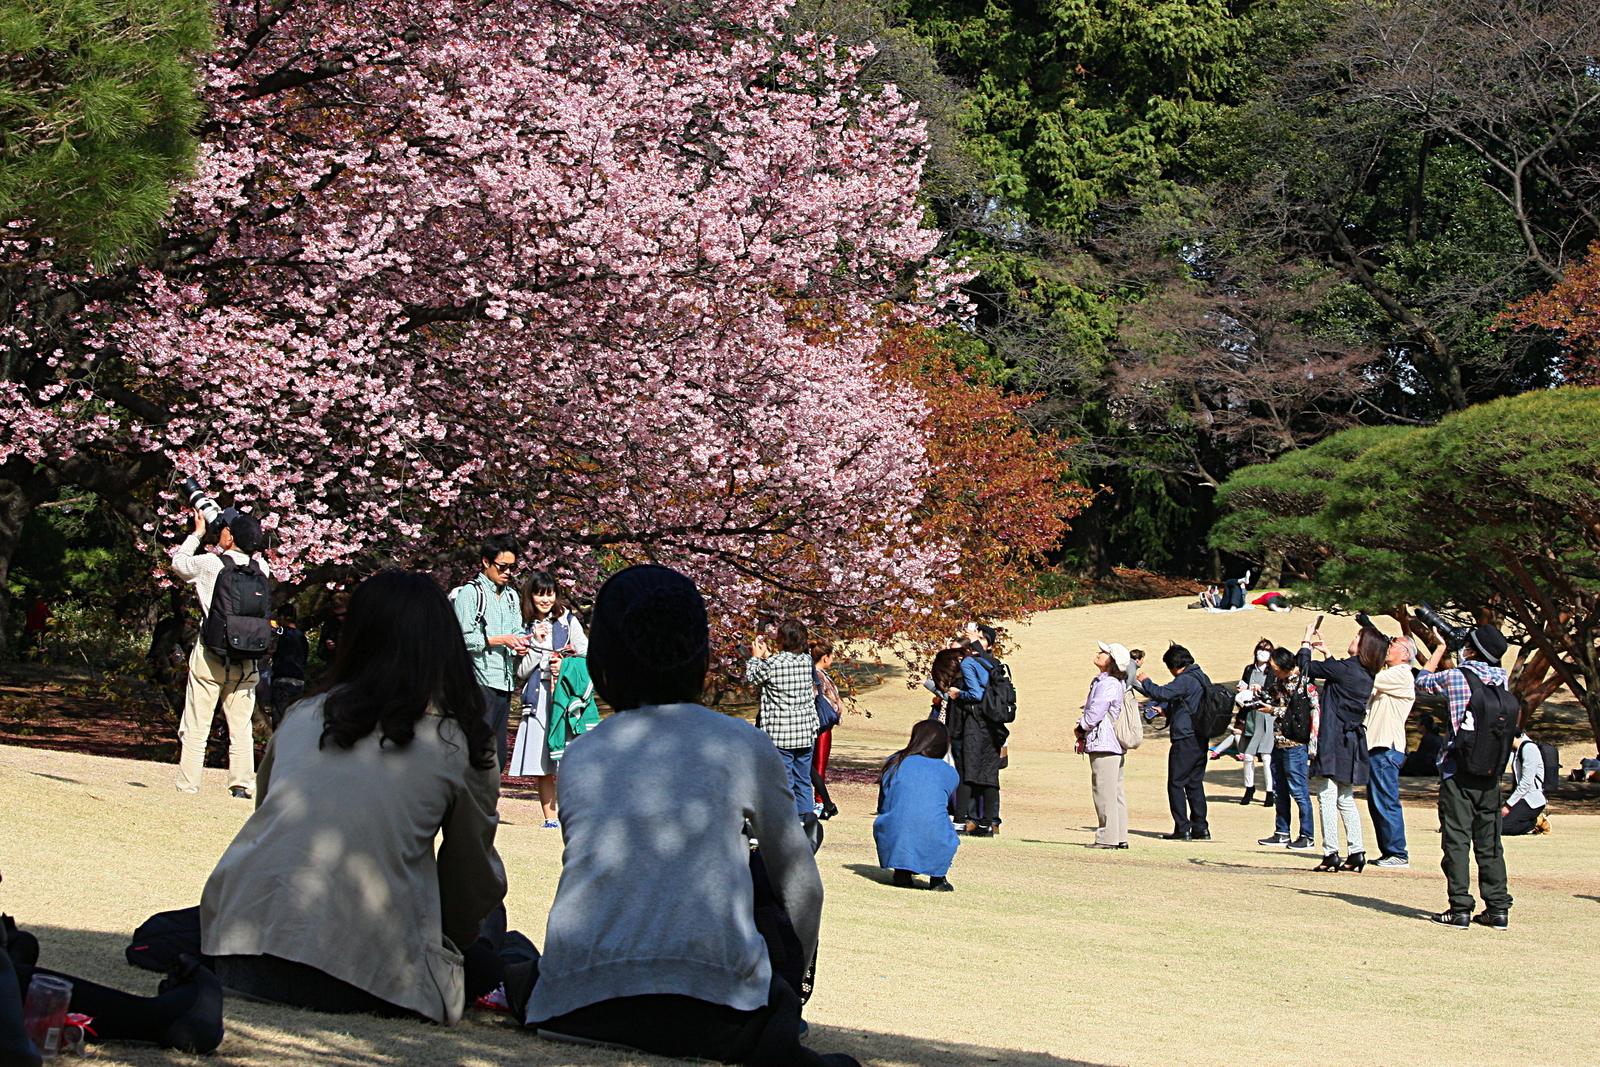 Hanami w Japonii - kwitnące sakury w Japonii, Shinjuku Gyoen, Tokio